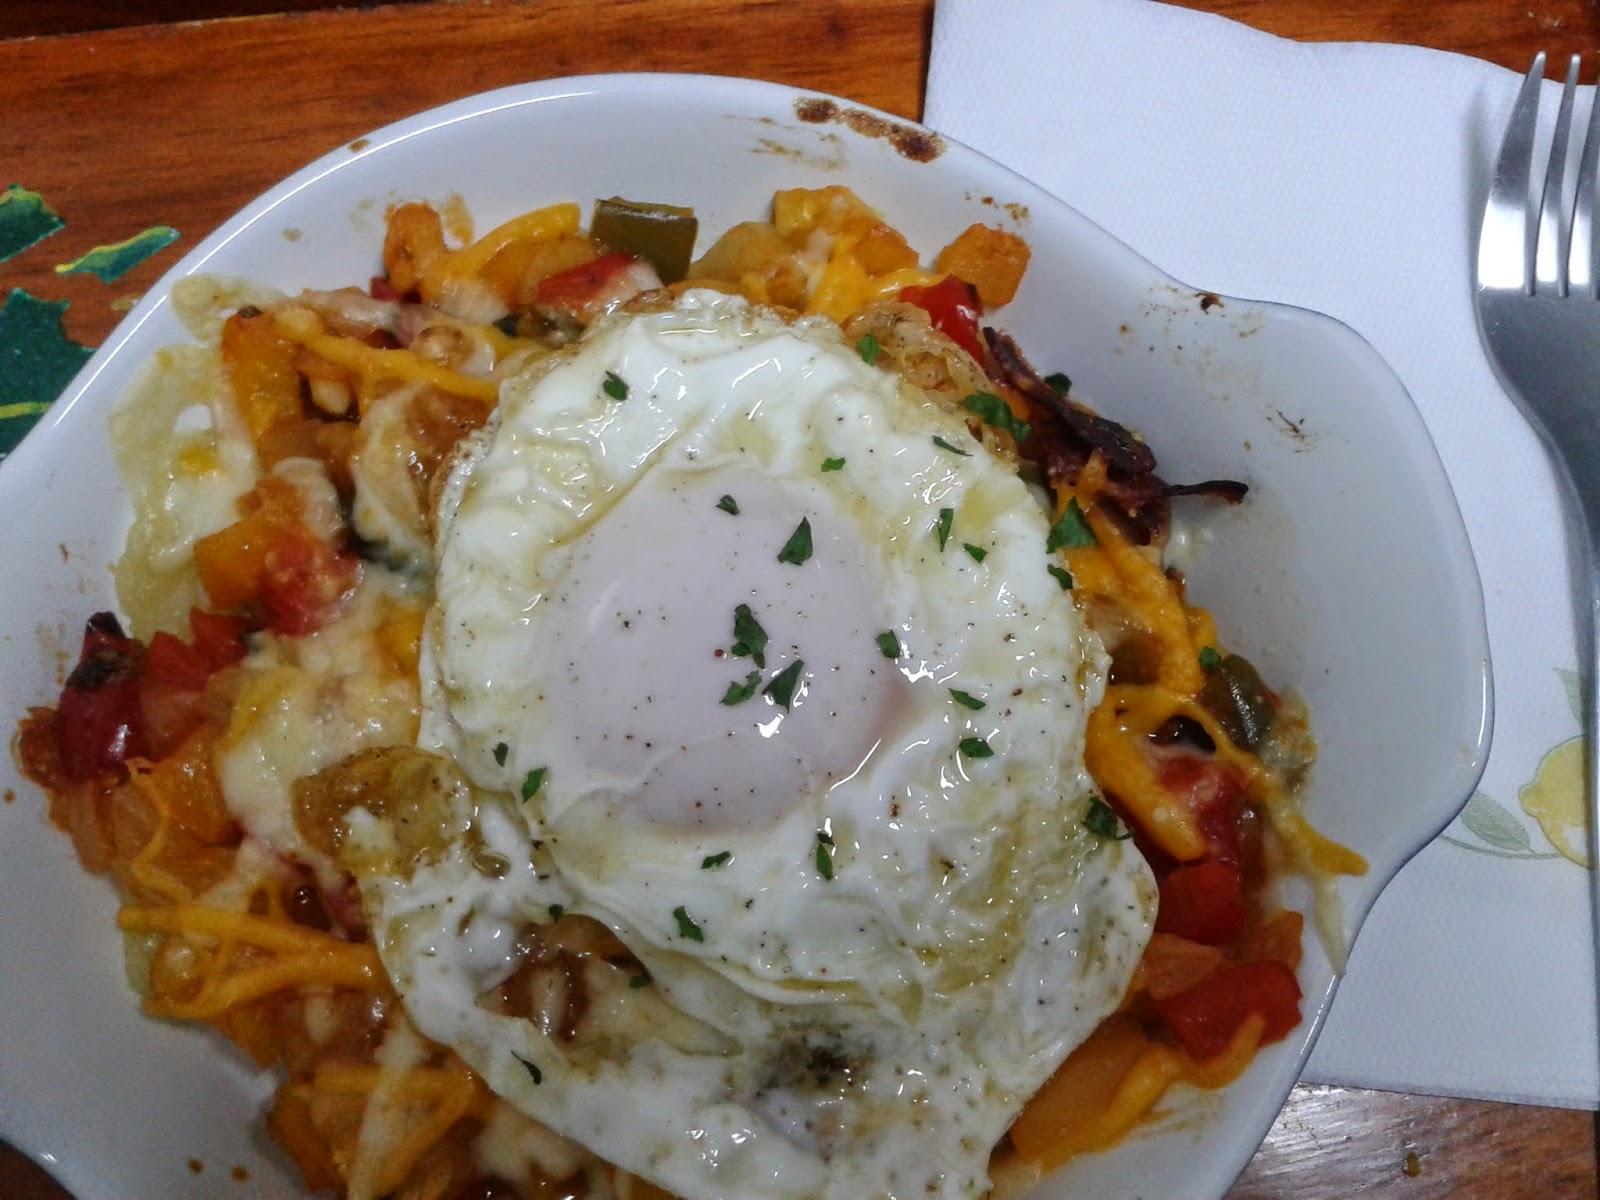 Cazuela de verduras al vapor con huevo, una cena ligera y saludable